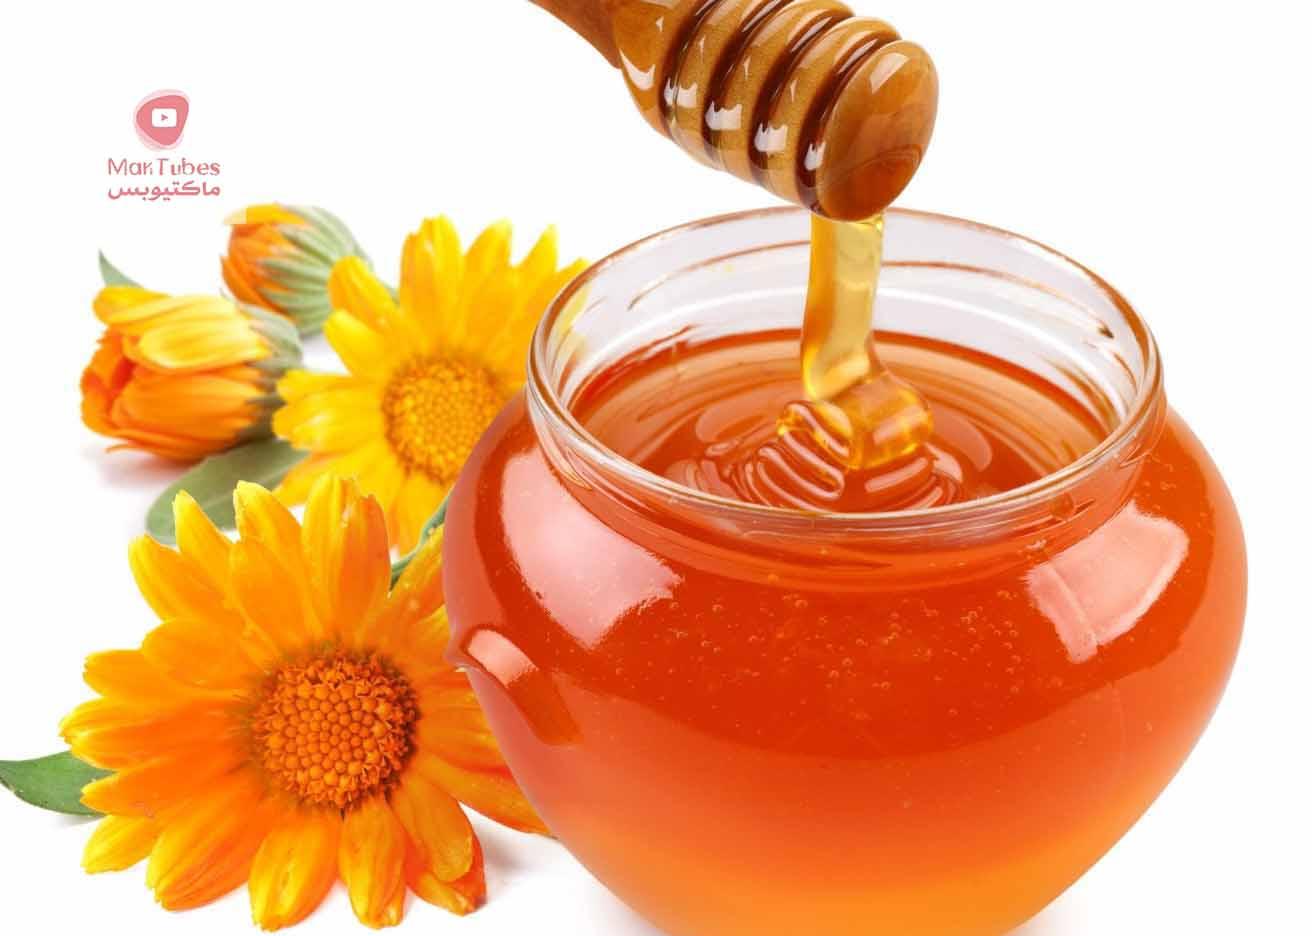 فوائد و أضرار العسل الملكي او الغذاء الملكي وما هي علاجاته